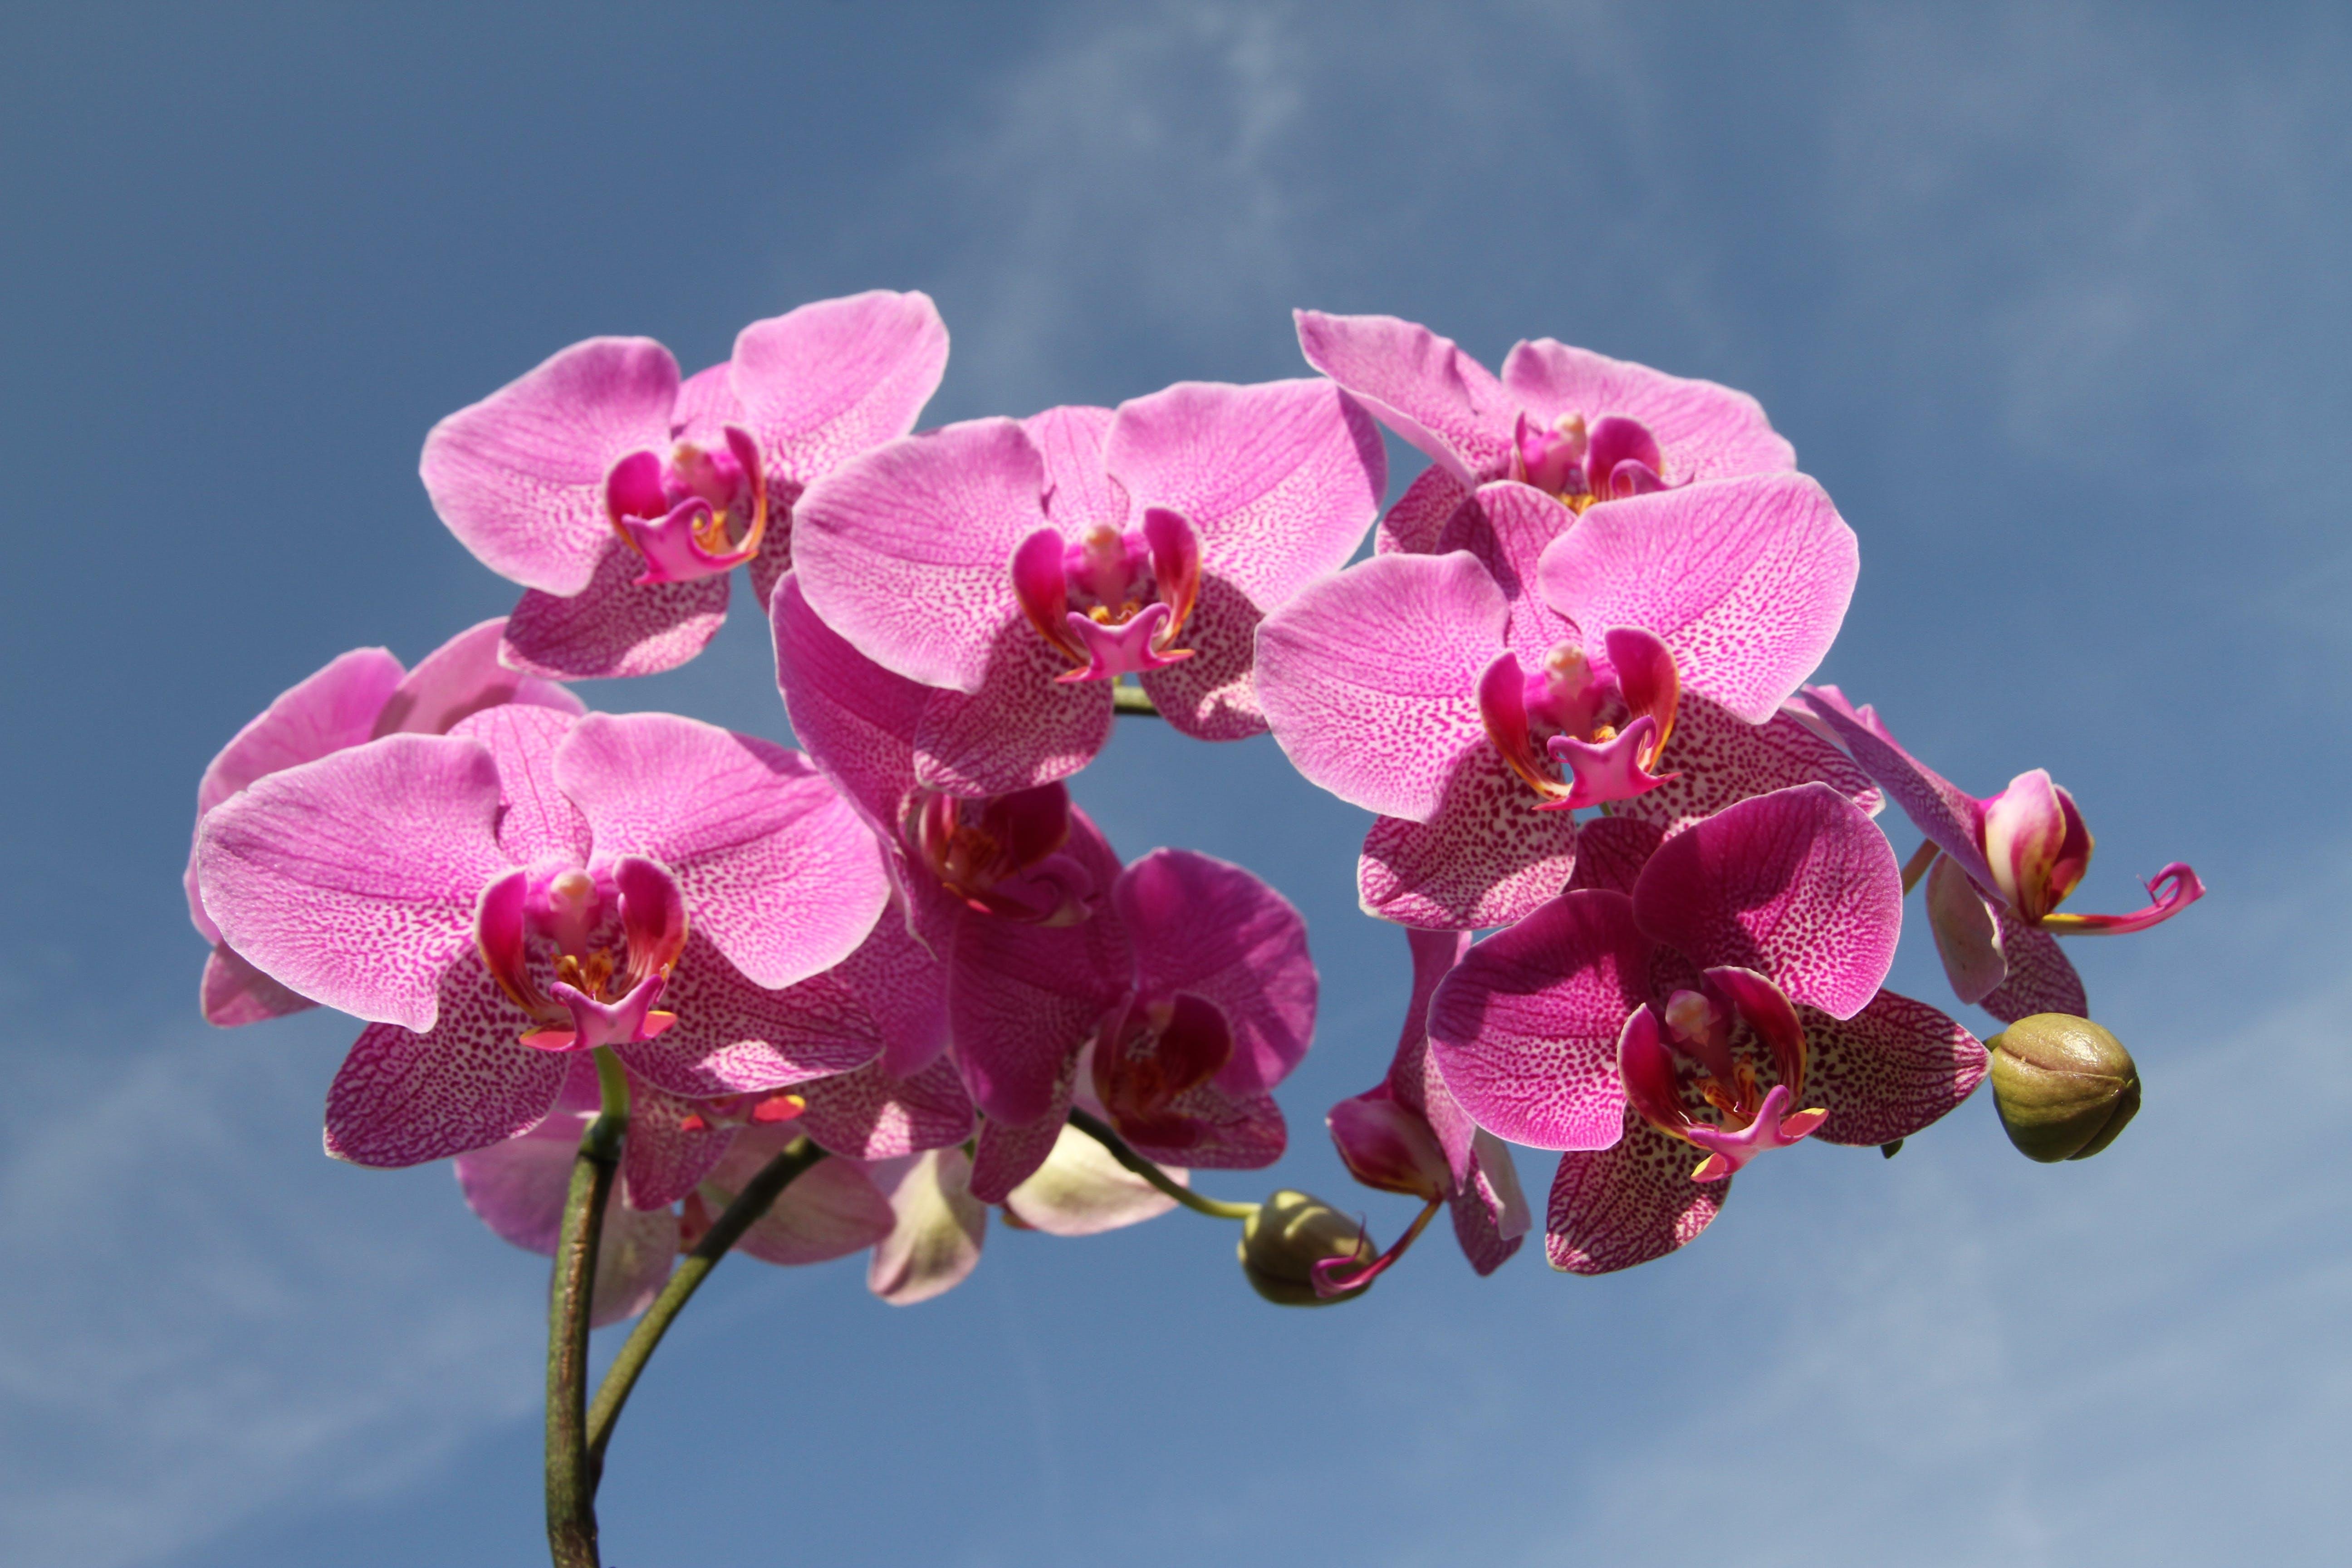 Fotos de stock gratuitas de botánica, flor, flora, floración